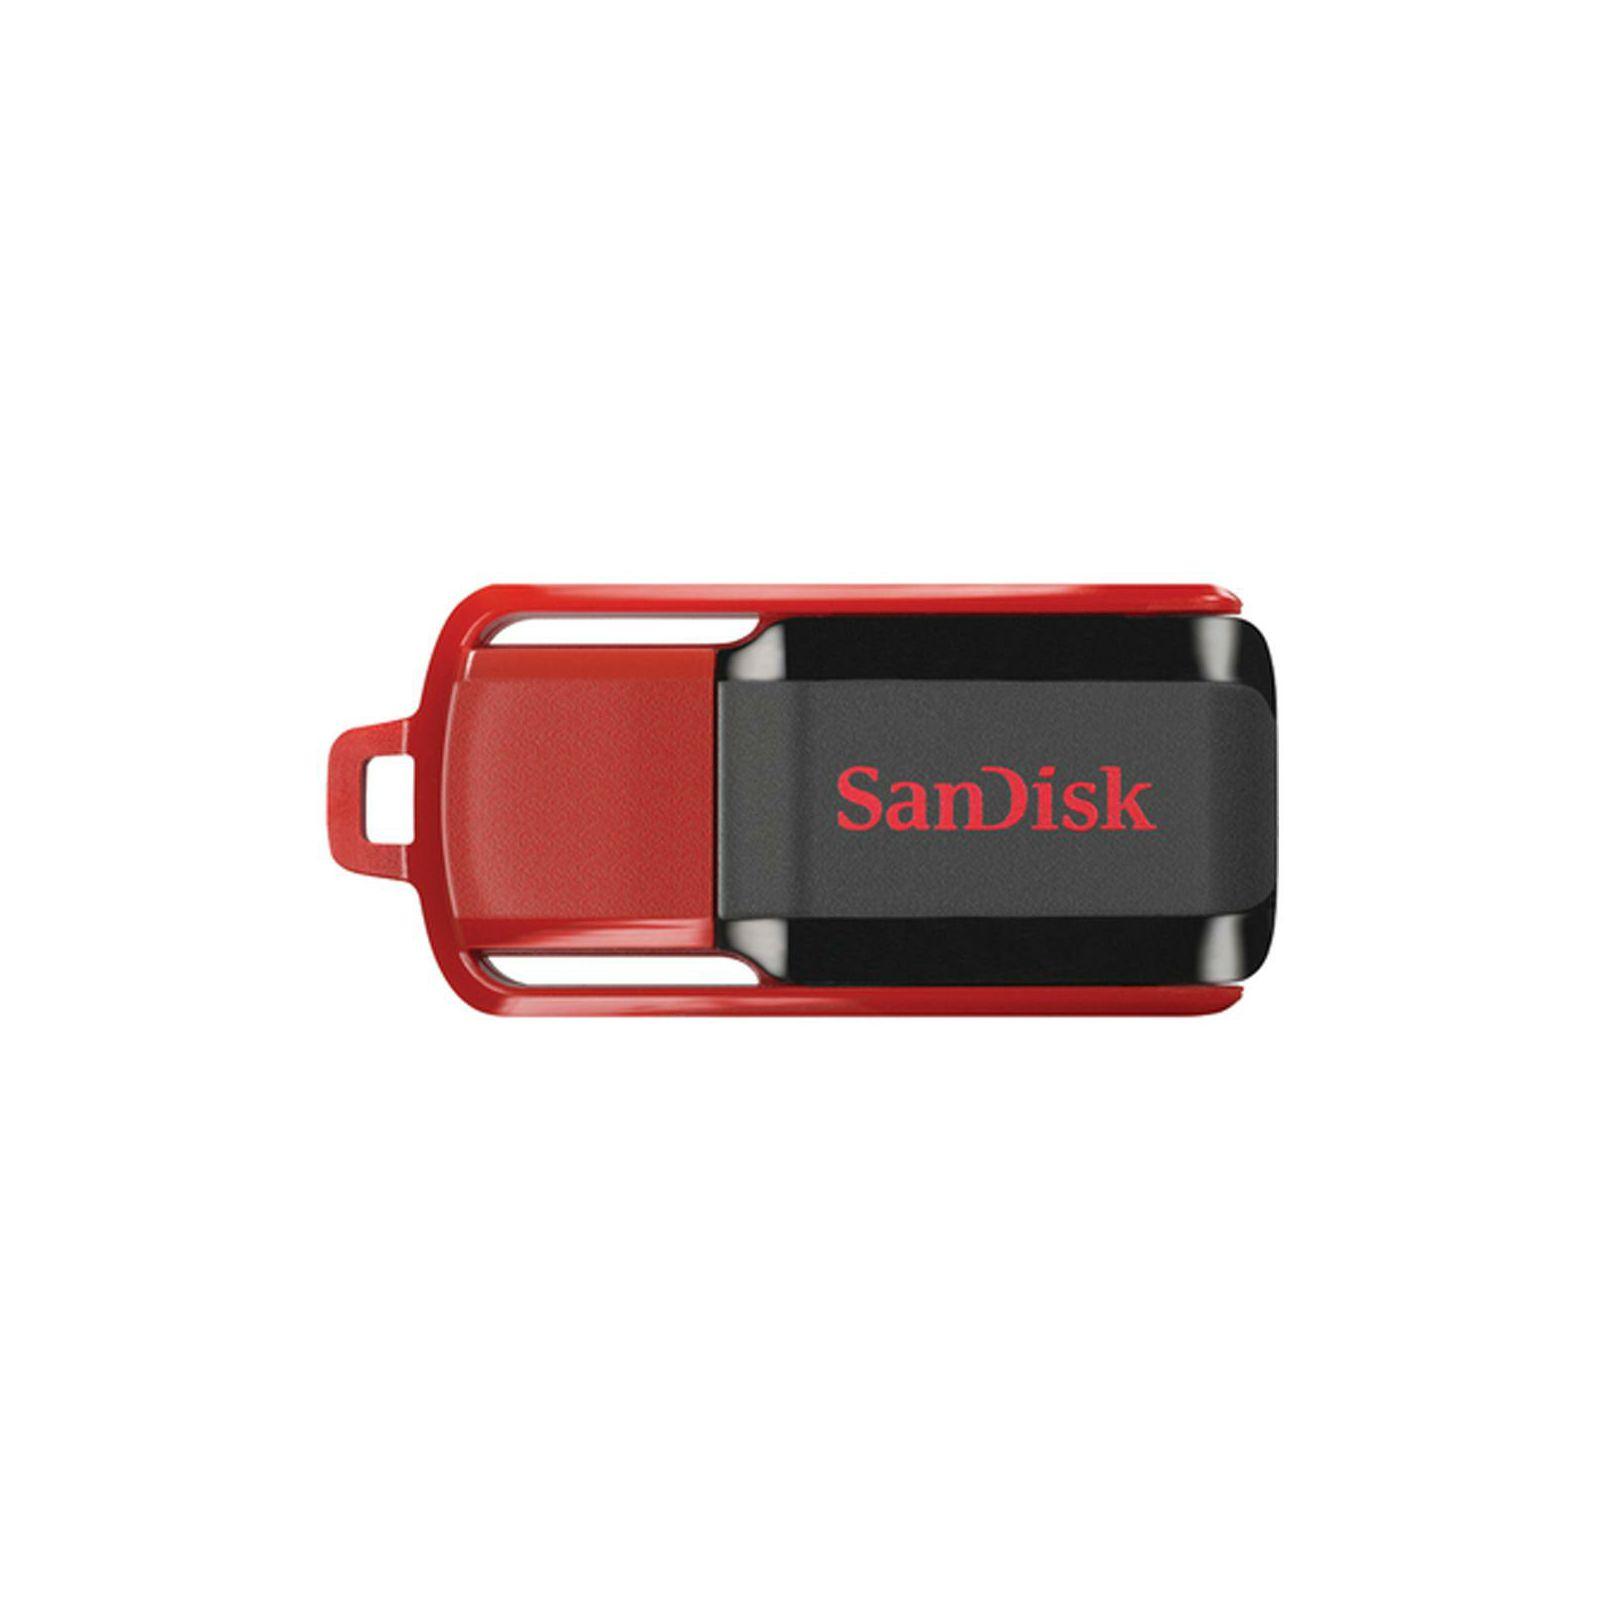 SanDisk Cruzer Switch 4GB SDCZ52-004G-B35 USB Memory Stick